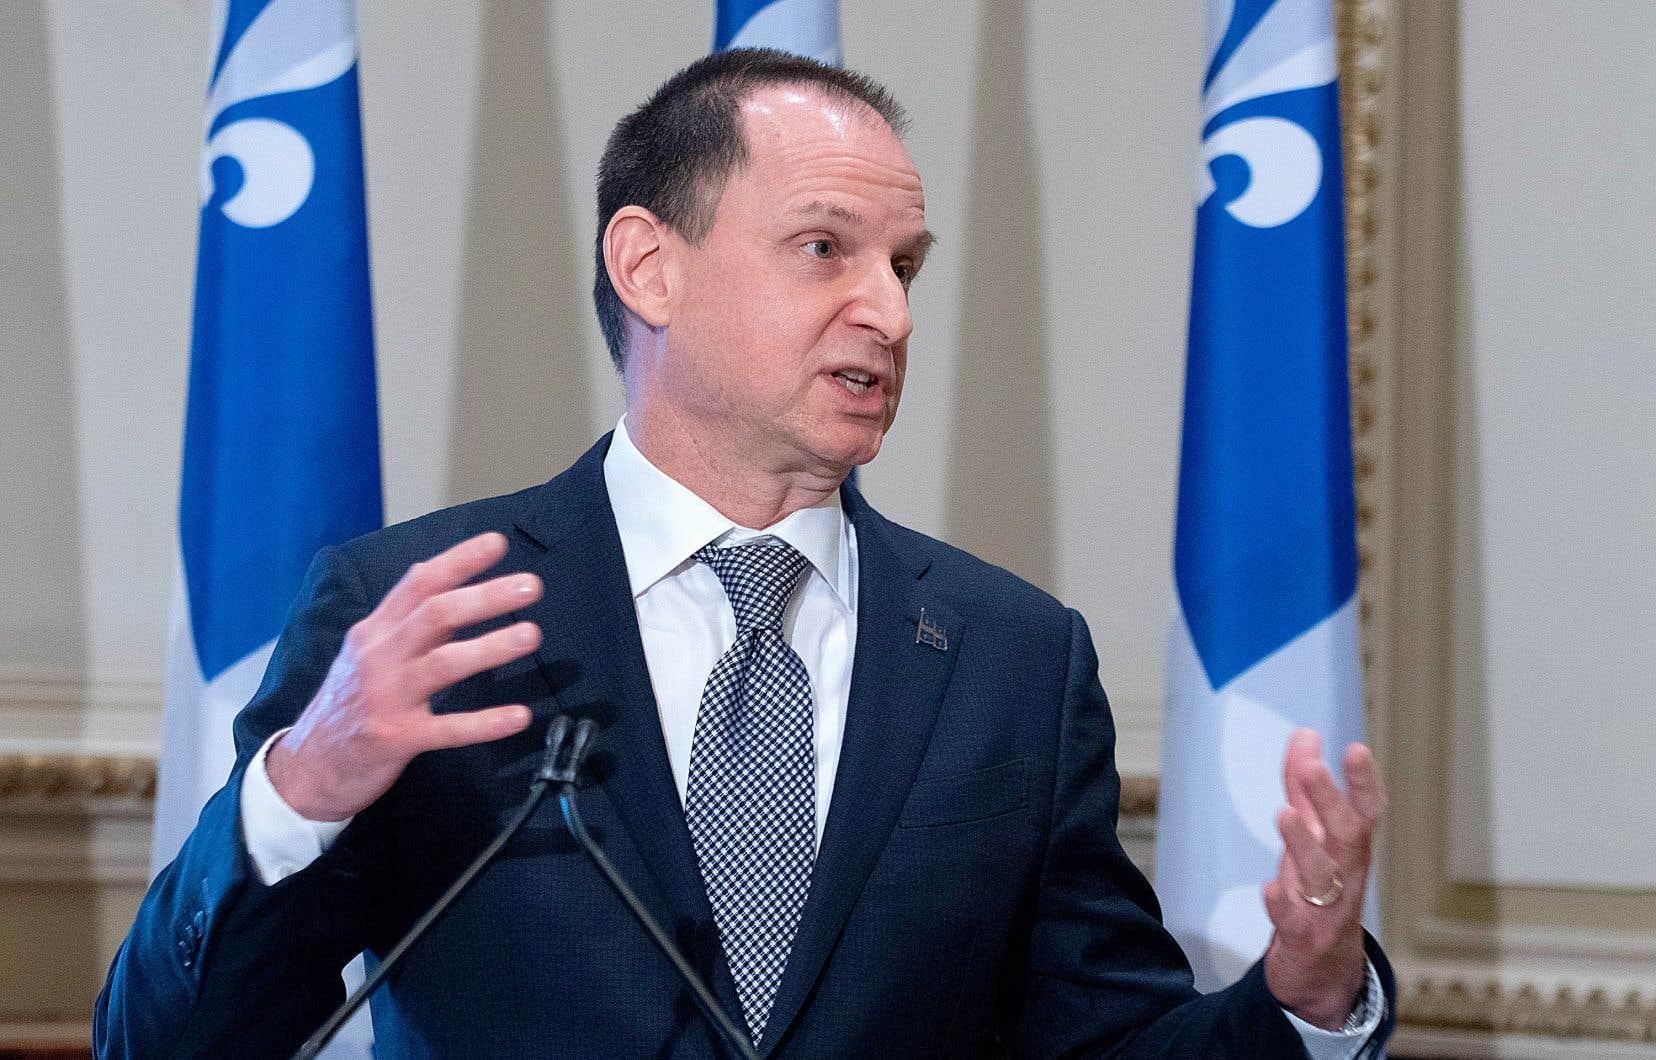 Le ministre des Finances, Éric Girard, a reconnu que Revenu Québec a «manqué de souplesse» en coupant dans les chèques de crédit de solidarité de certains prestataires de l'aide sociale.